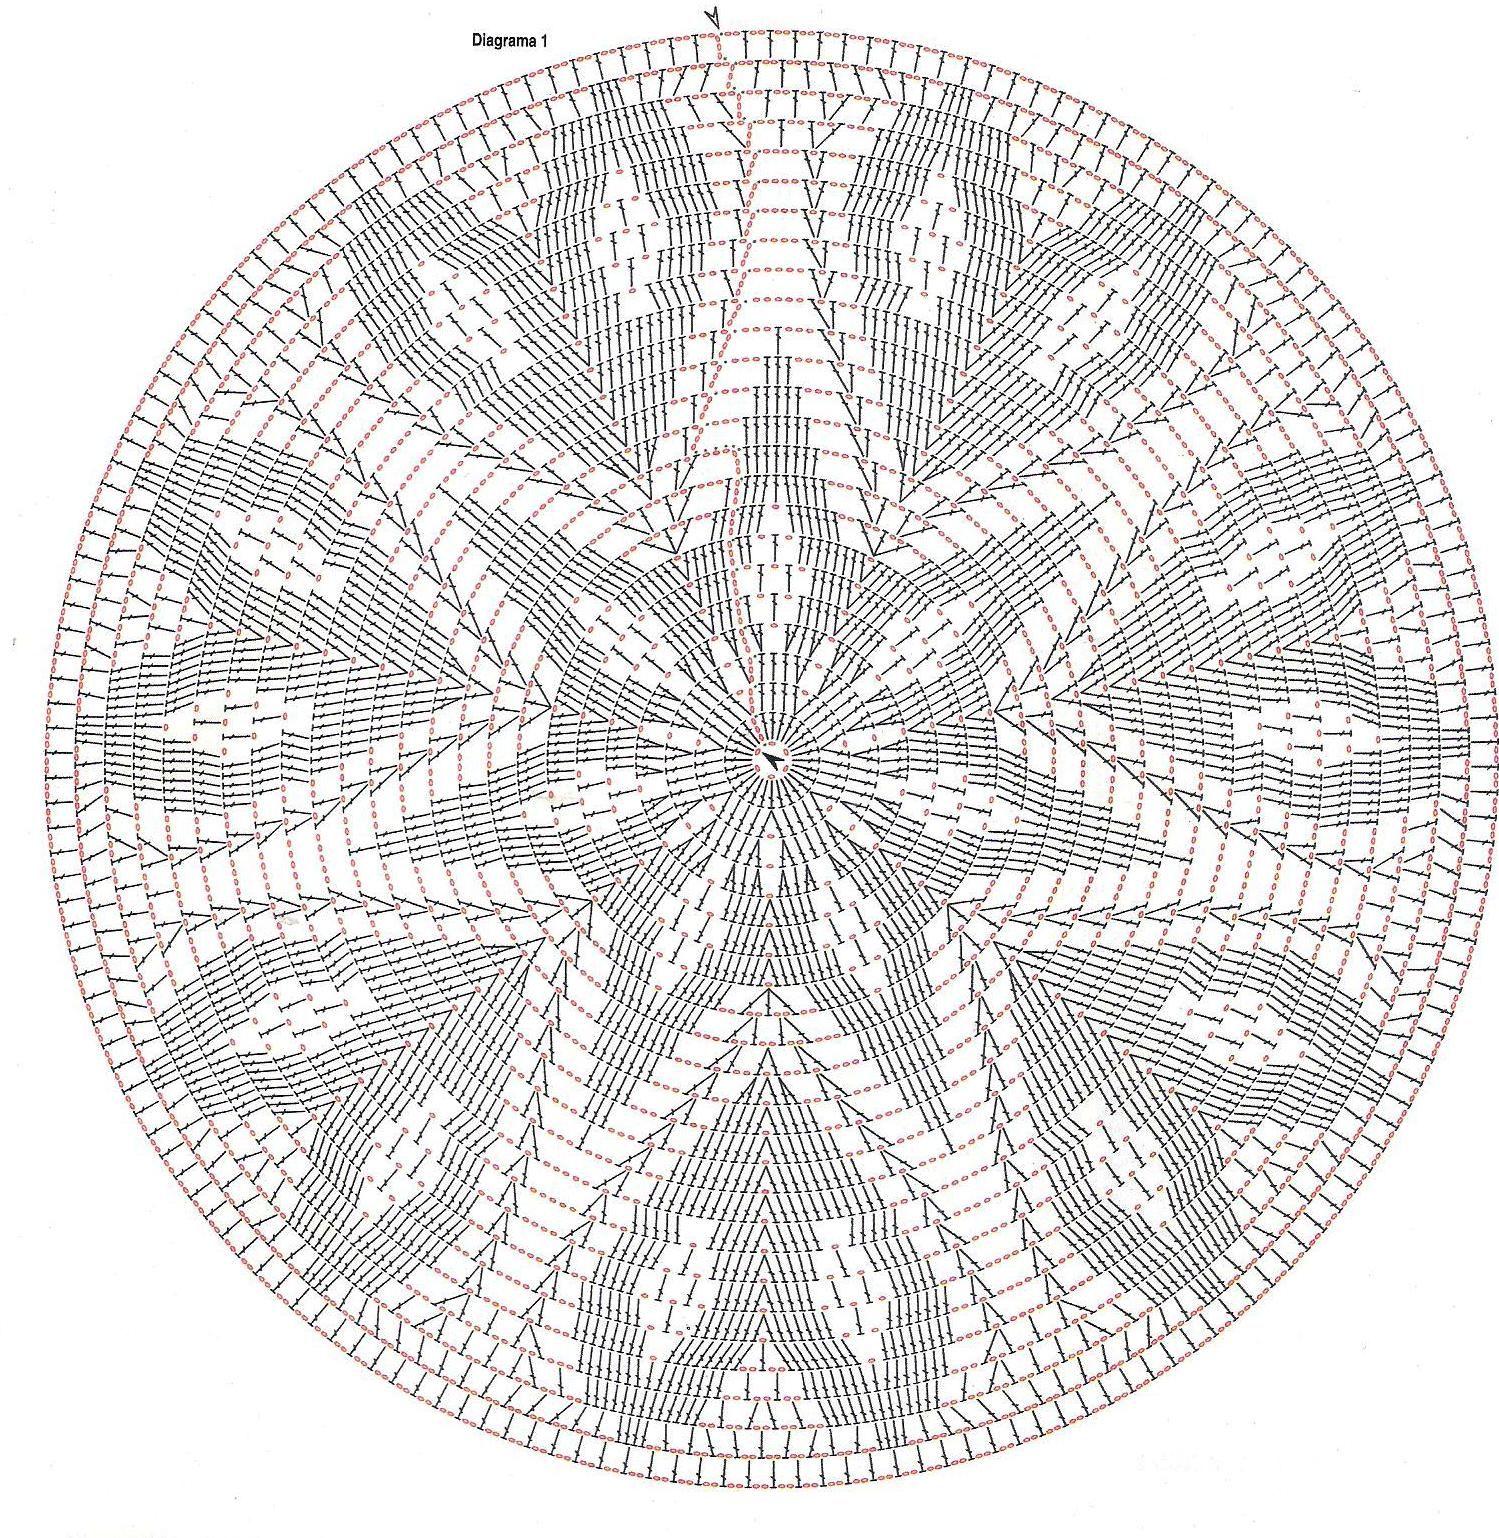 Gr Fico De Um Tapete Redondo Em Croch Crochet Doliy Pinterest  -> Tapete De Croche Redondo Passo A Passo